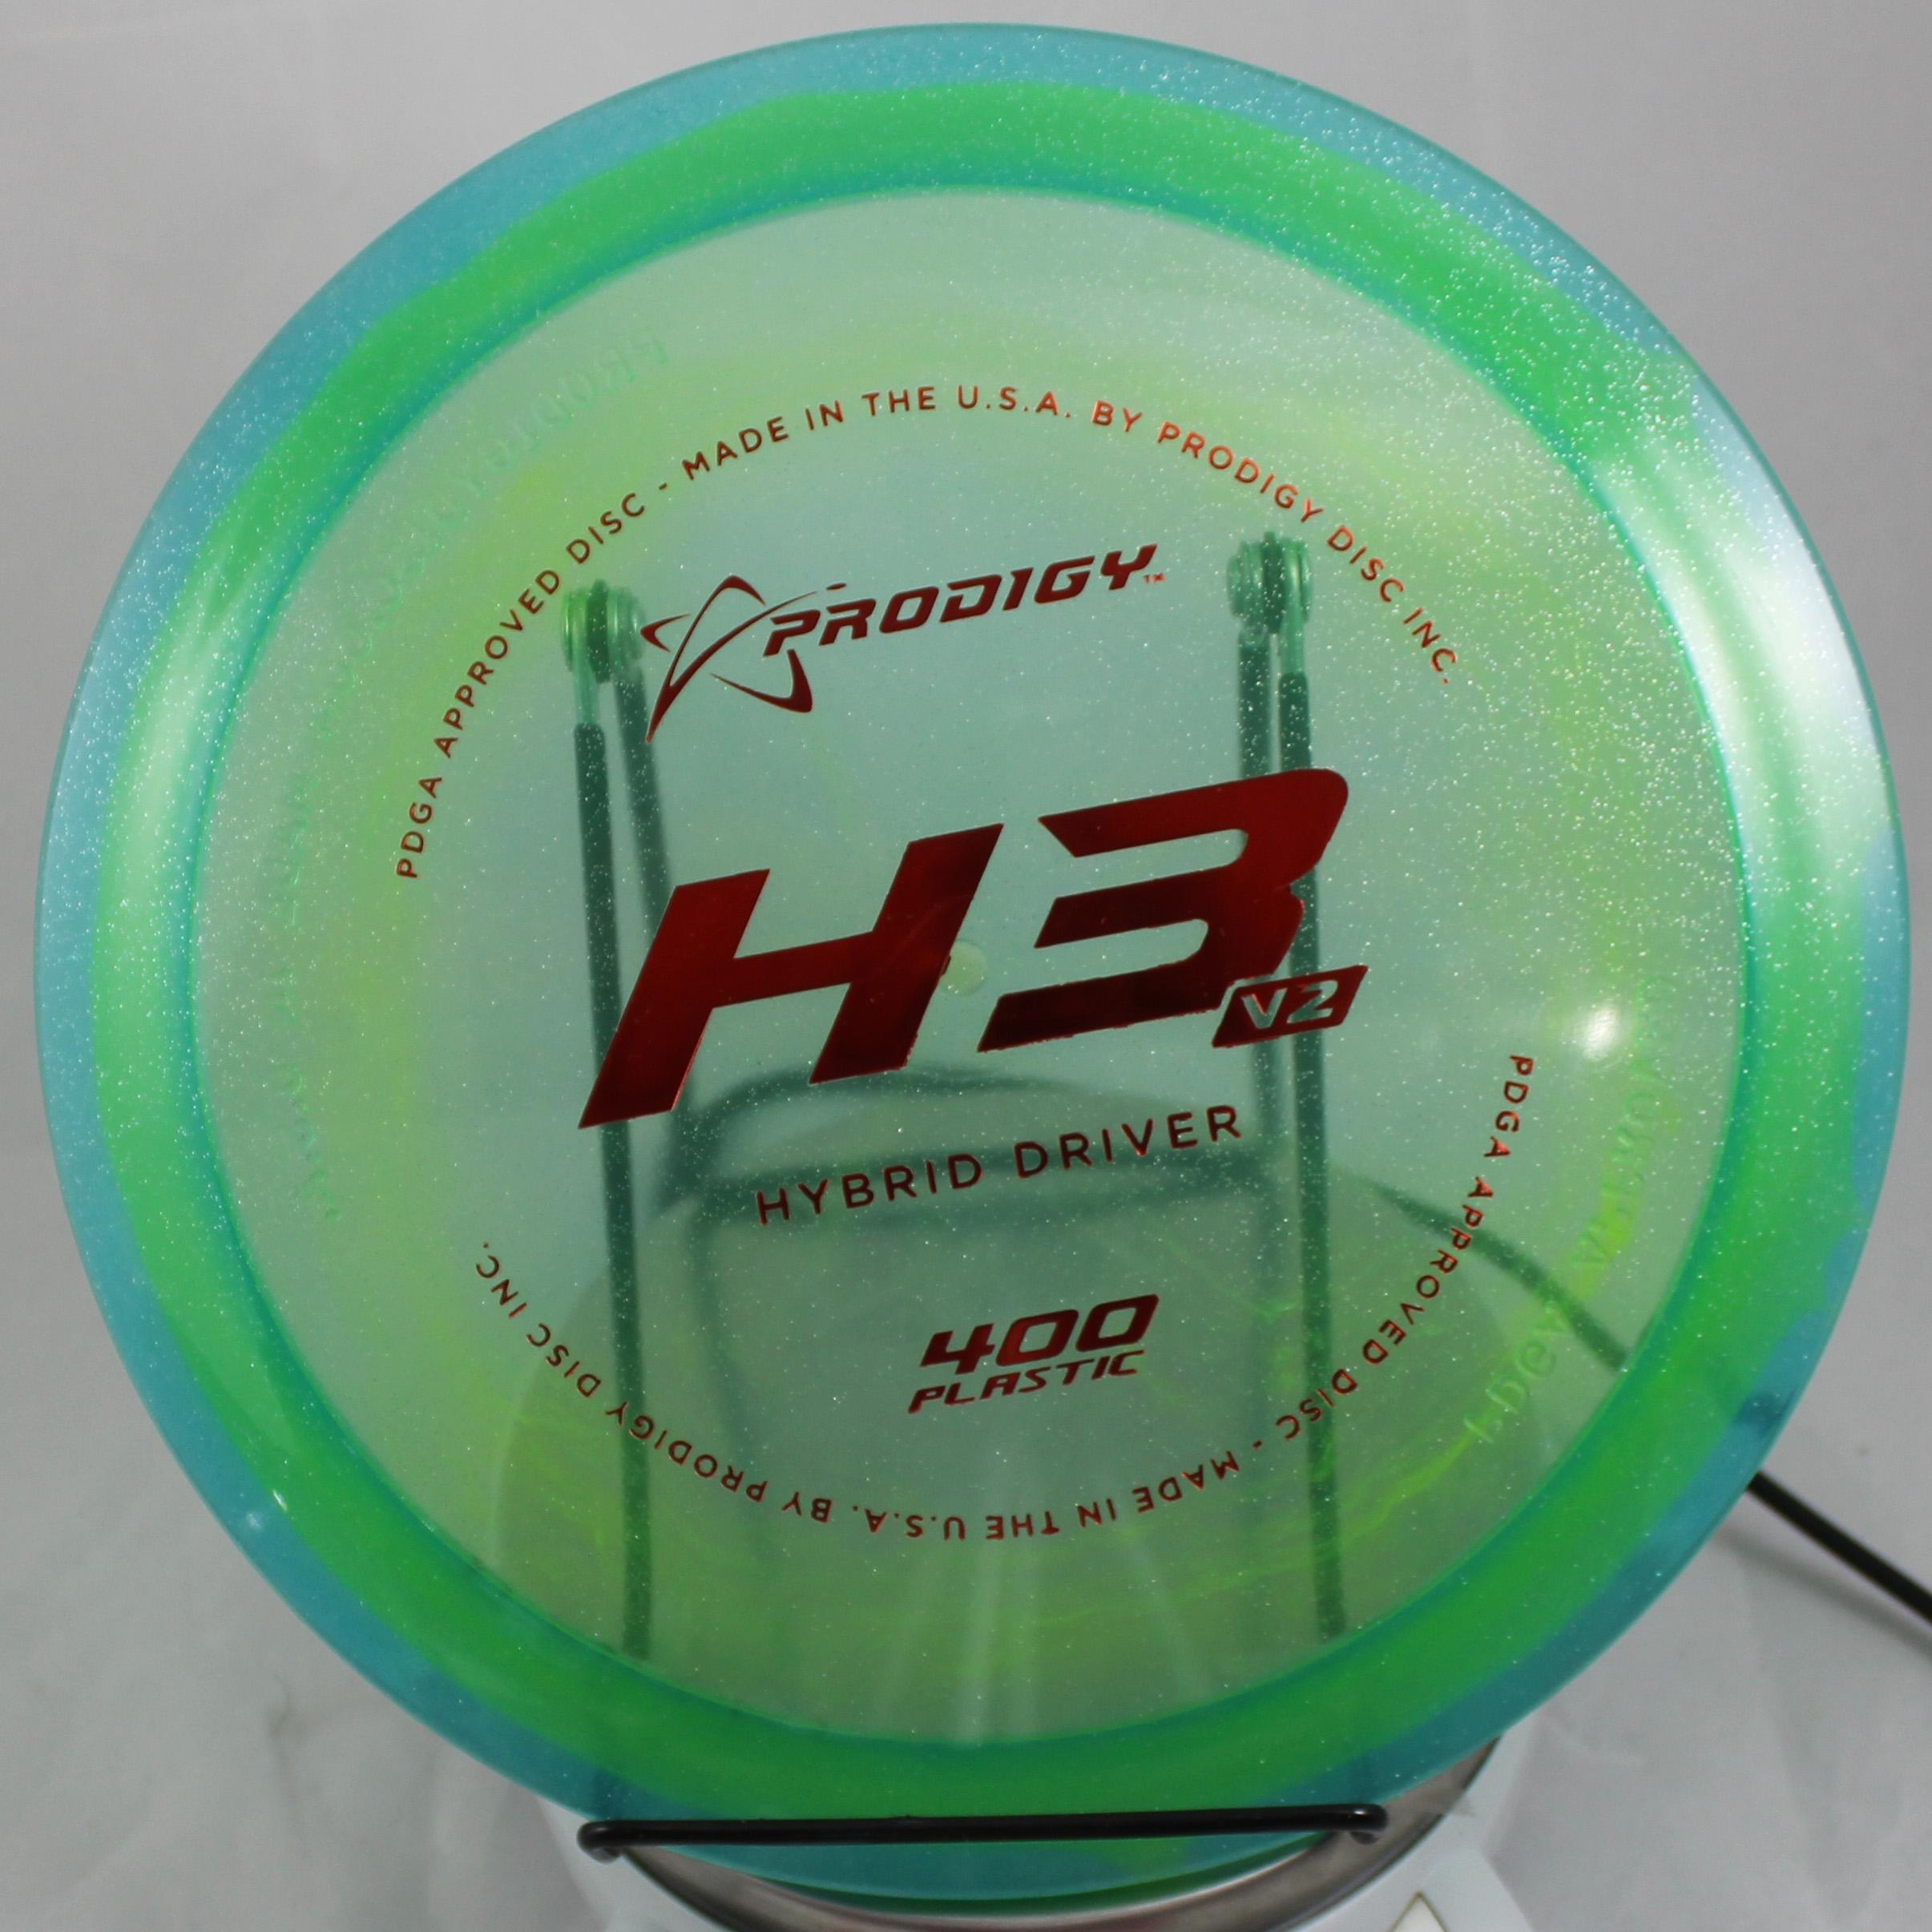 Prodigy H3 V2, 400 Glimmer